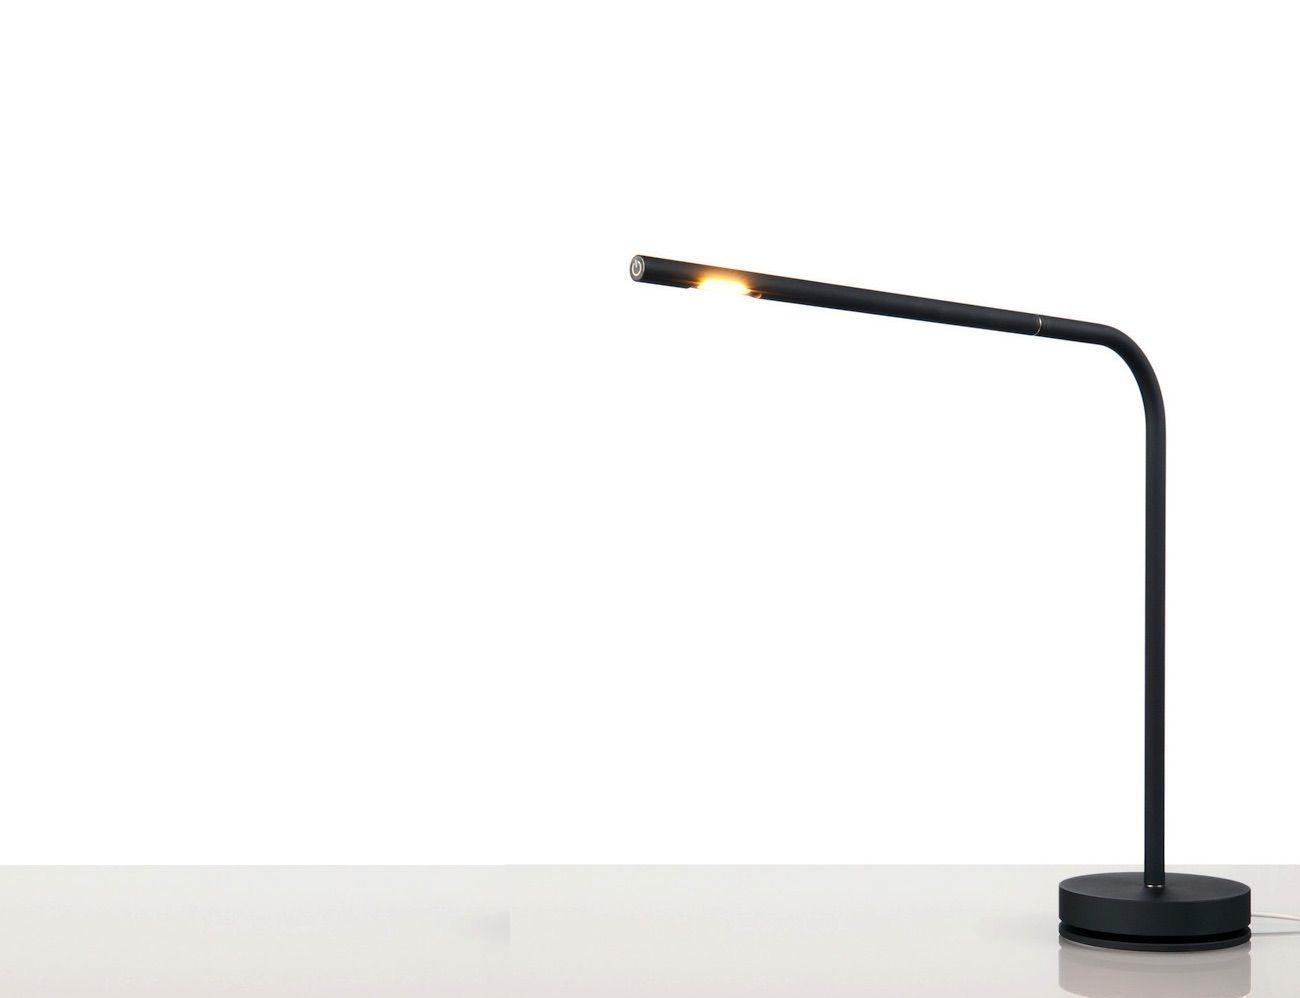 Manifold Piccolo USB Desk Lamp